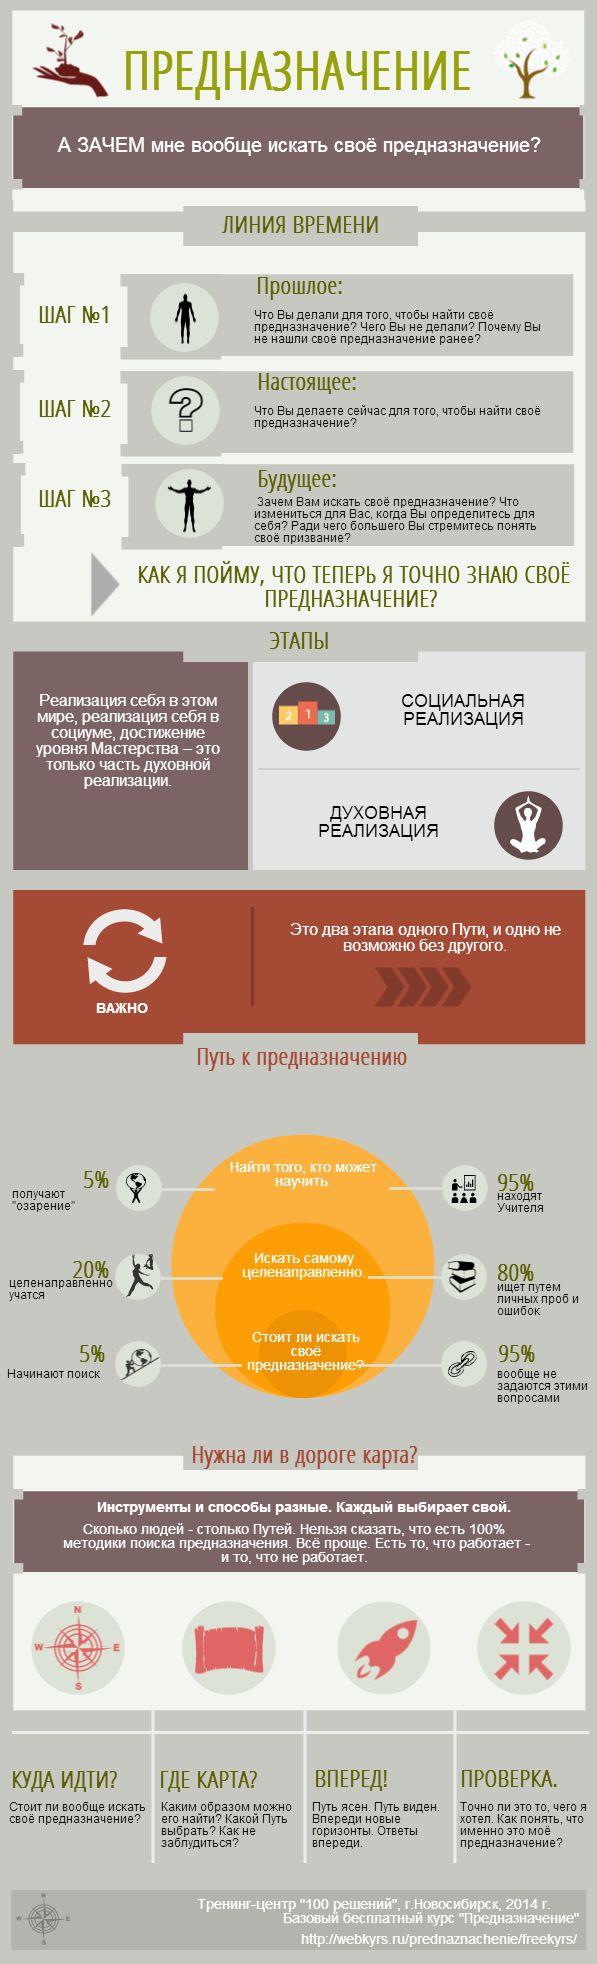 """Какие уровни есть у предназначения?   Курс """"Как найти предназначение"""": http://webkyrs.ru/prednaznachenie  Бесплатный базовый курс: http://webkyrs.ru/prednaznachenie/freevk/"""